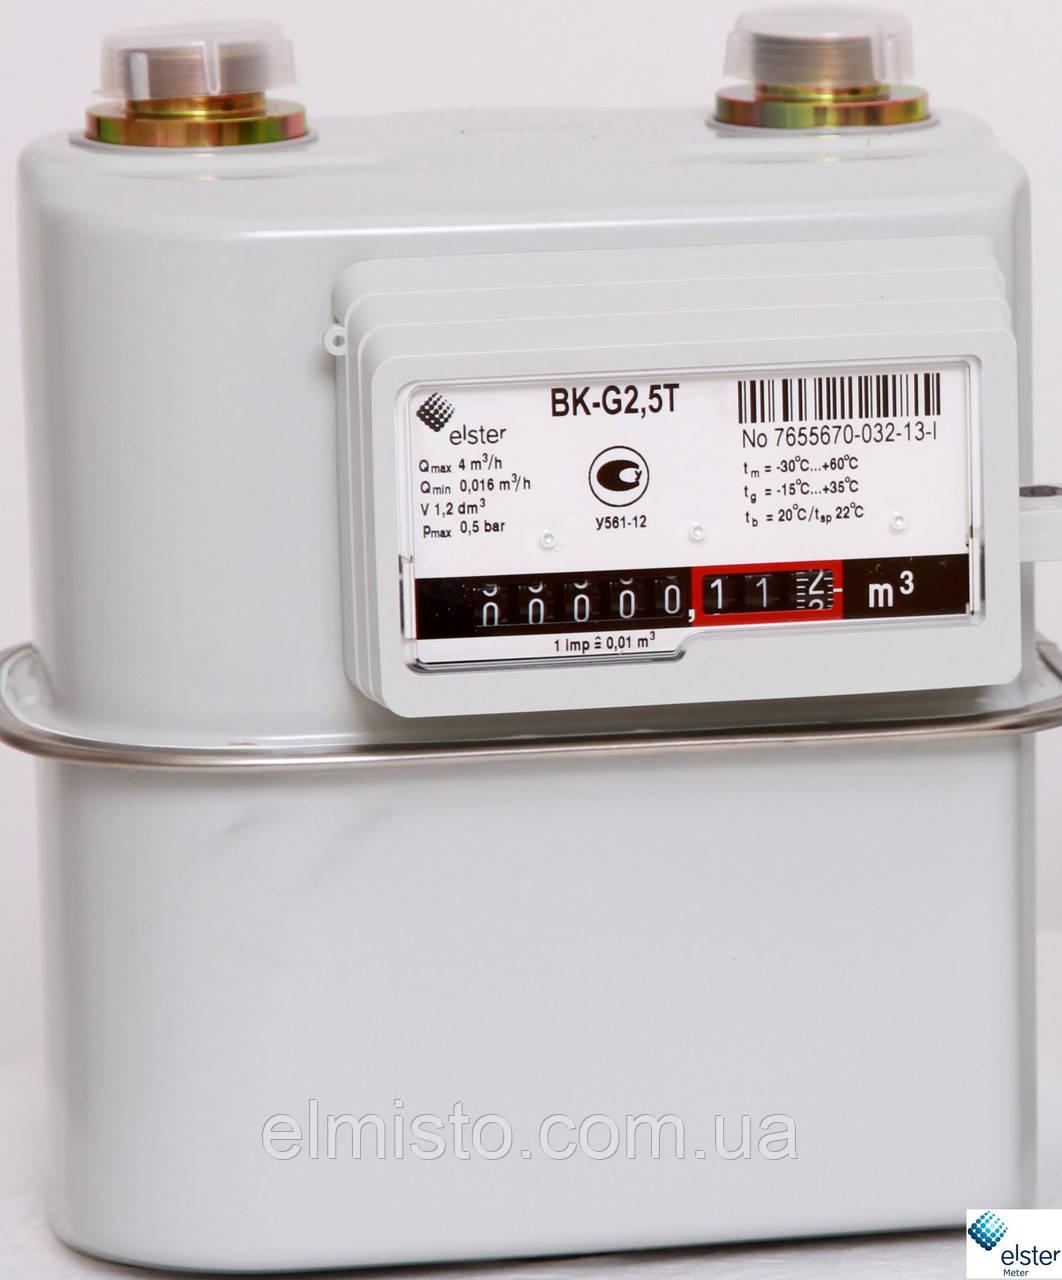 цена на газовый счетчик elster